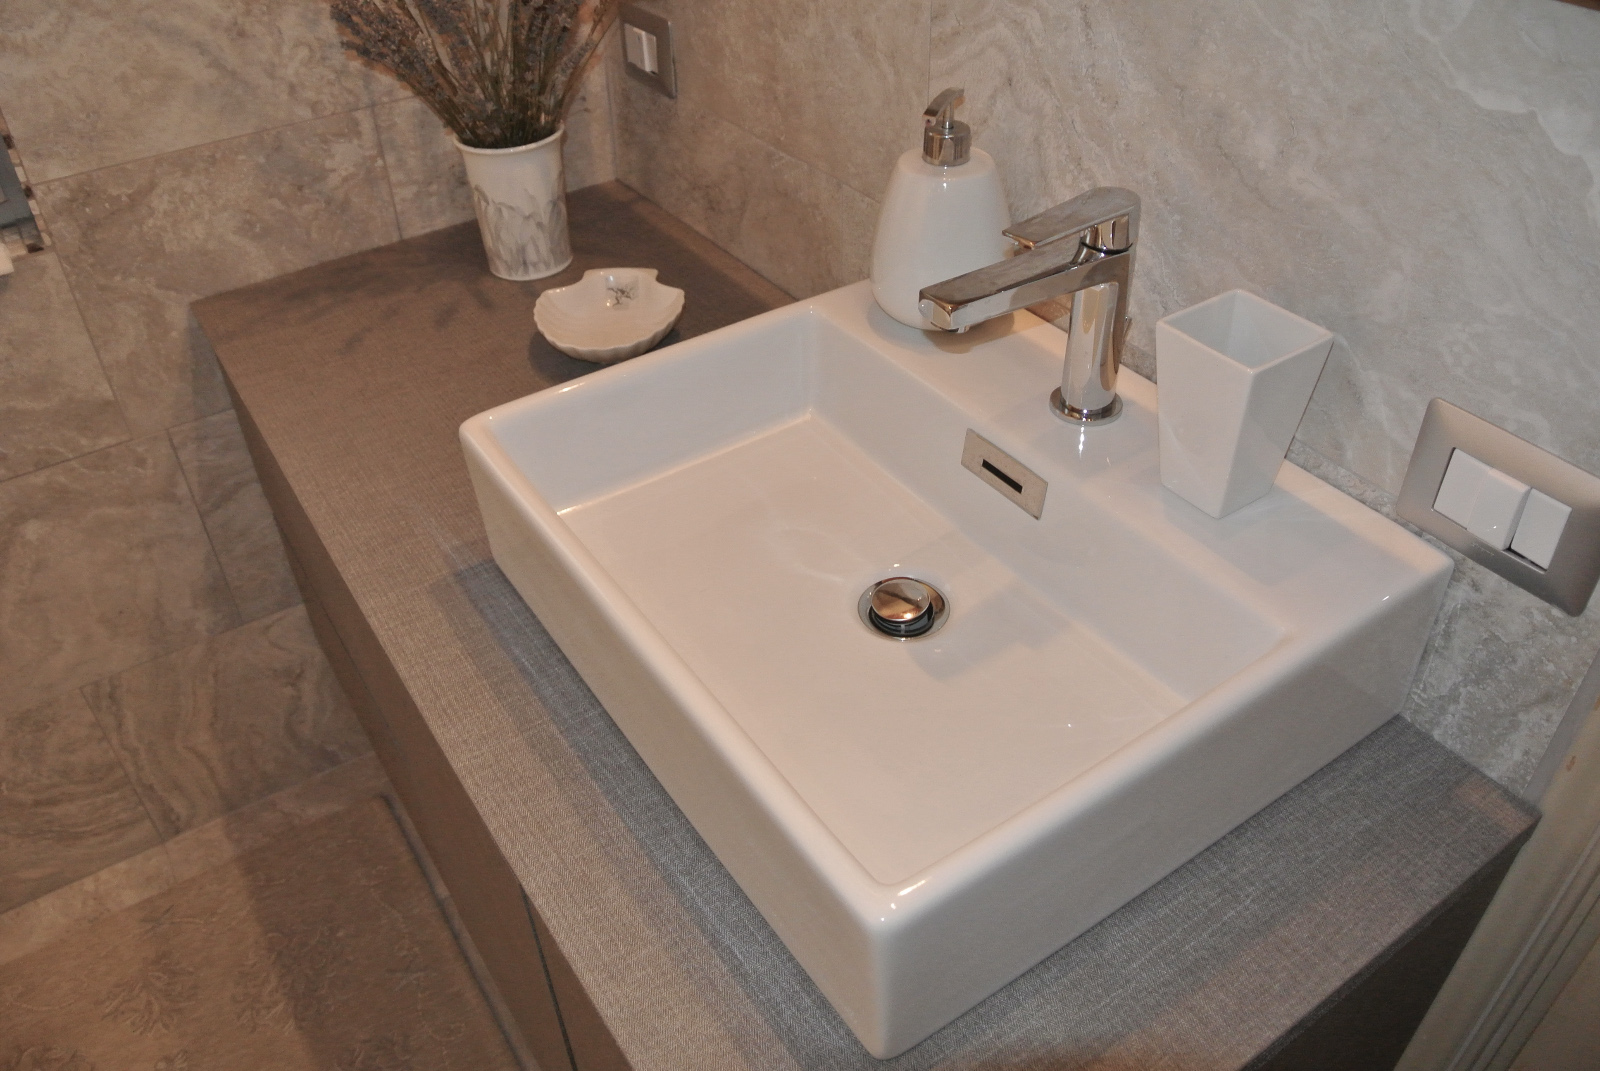 sintesibagno-verbania-svizzera-canton-ticino-arredobagno-mobile-bagno-puntotre-time-lavabo-appoggio-quadro-03